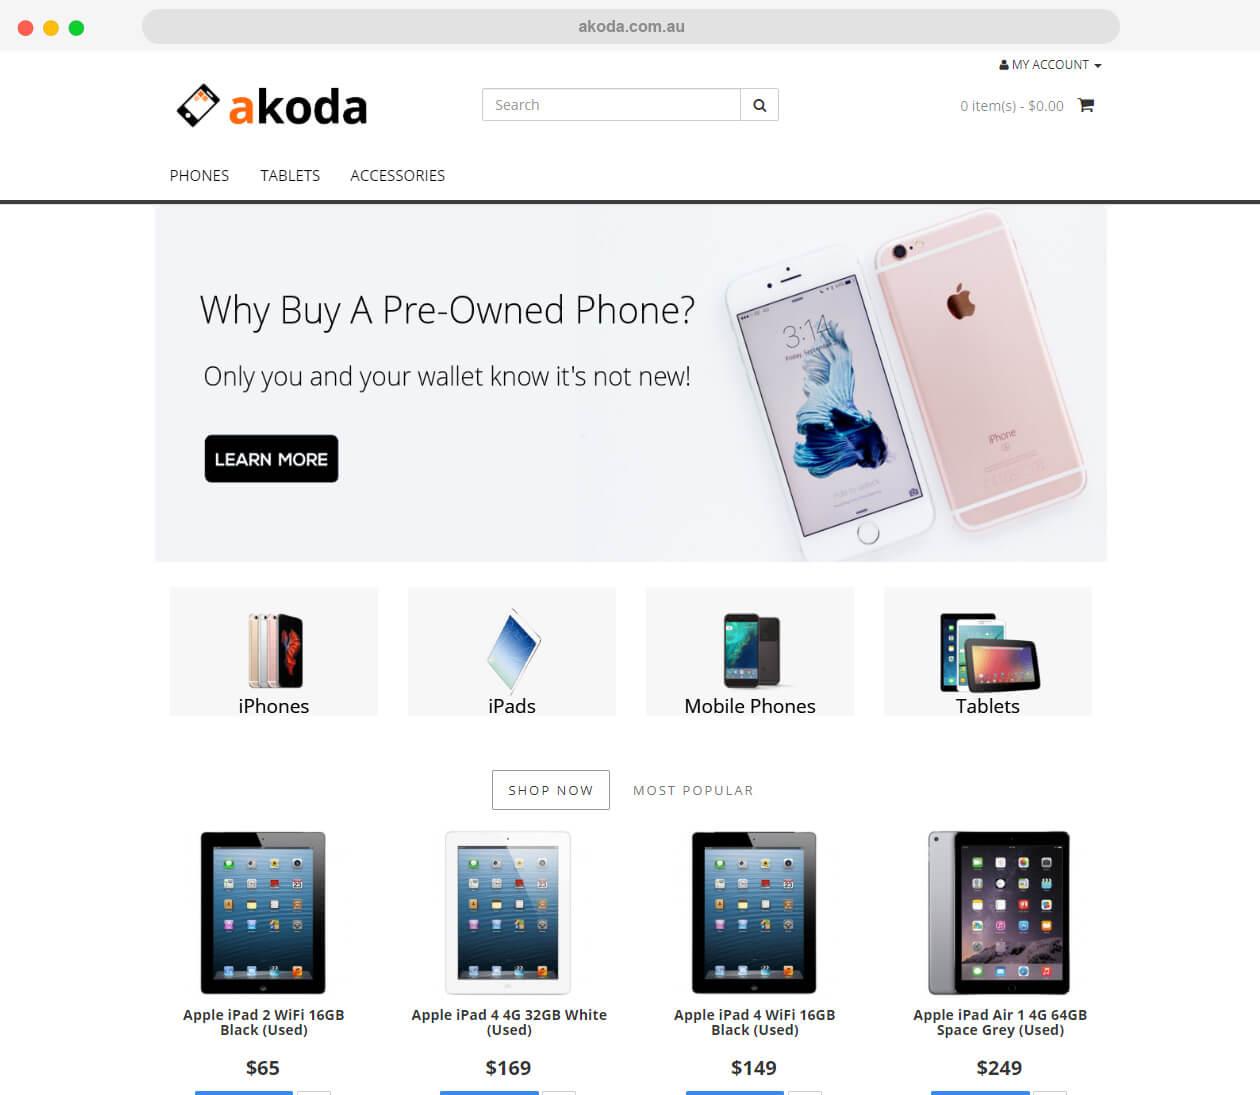 akoda.com .au website